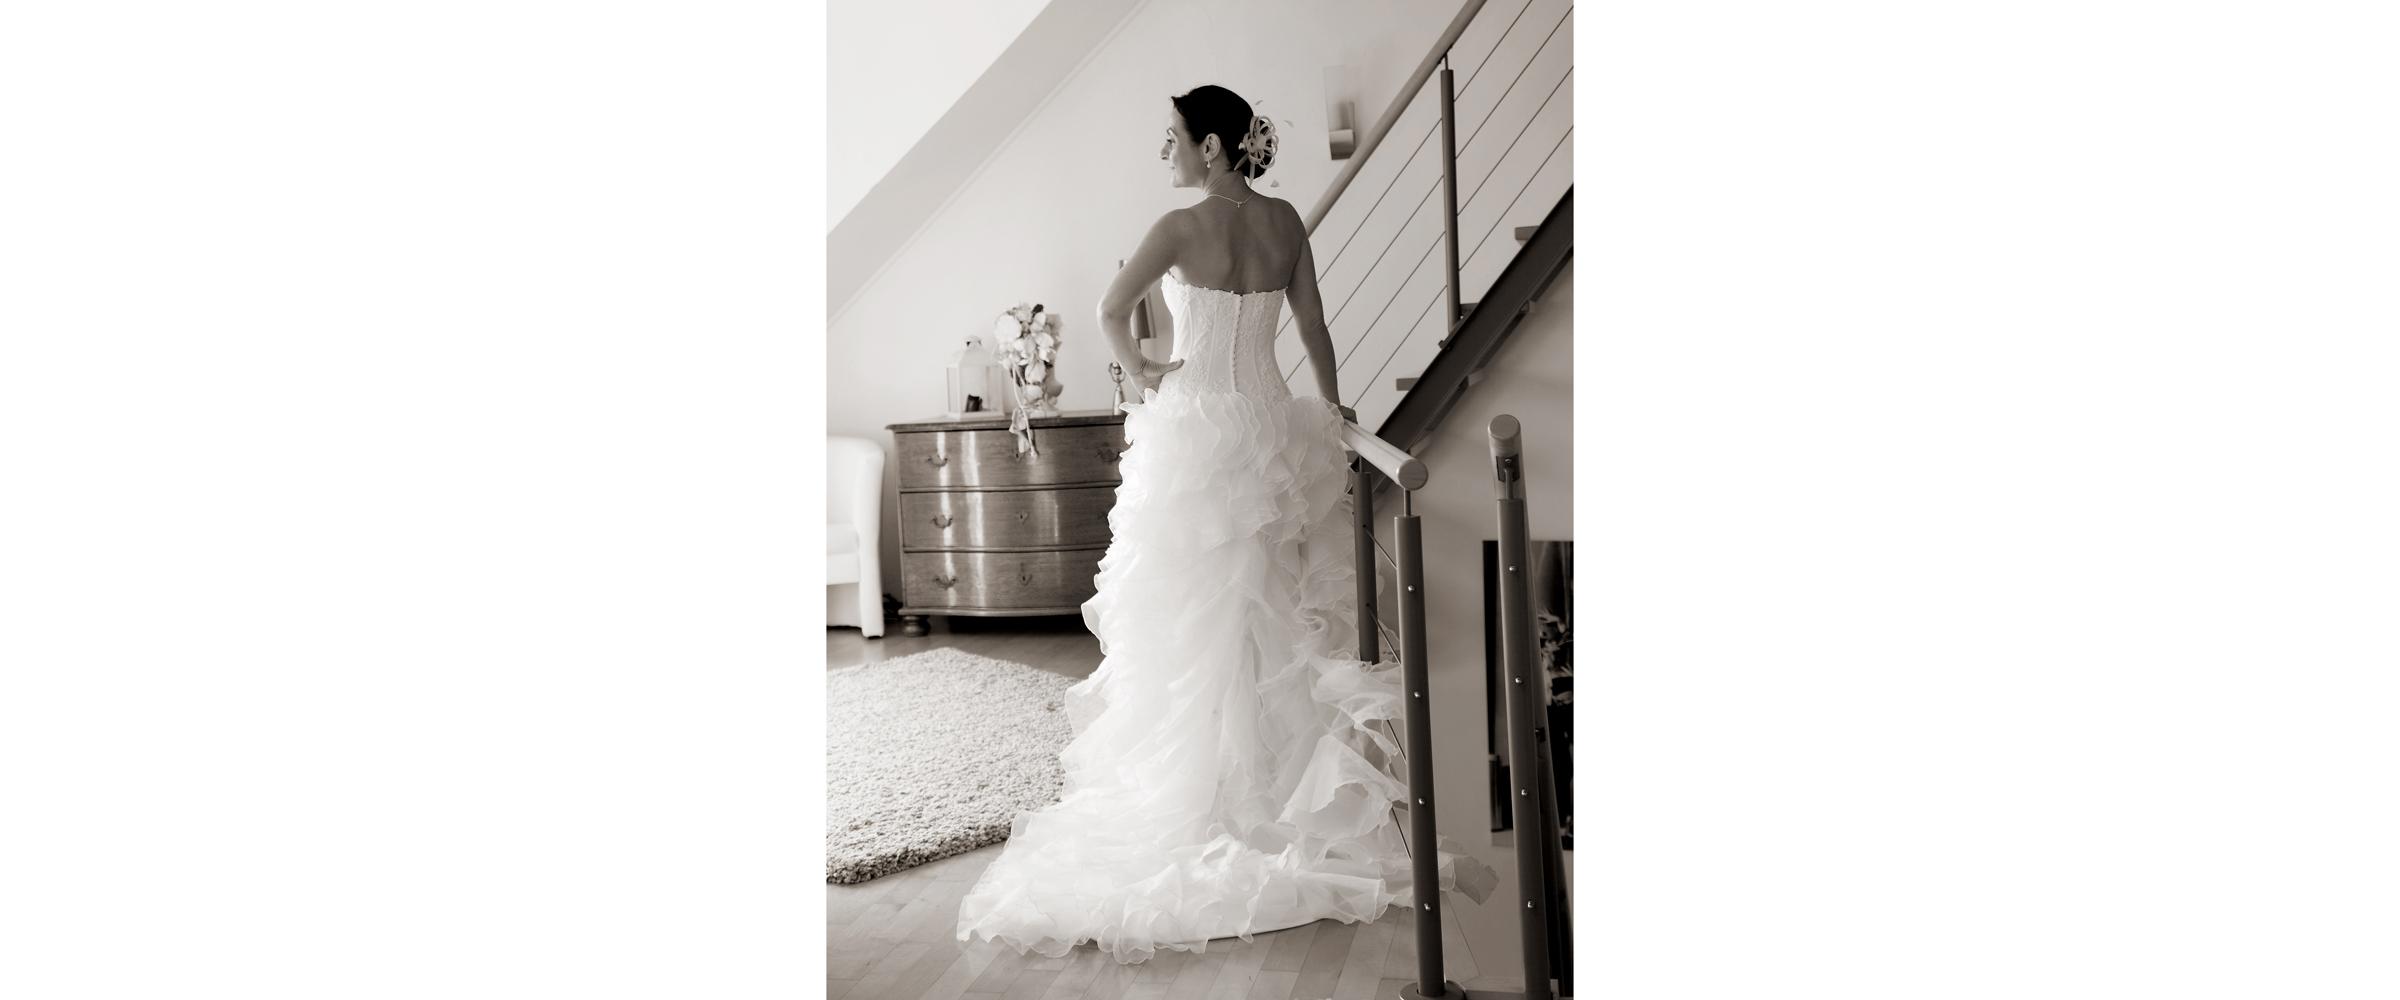 Schwarz-weiße Aufnahme der Rückenansicht einer Frau im Brautkleid, die seitlich ihre Hand in die Taille stützt und an einem Treppengeländer posiert für Hochzeitsfotografie.